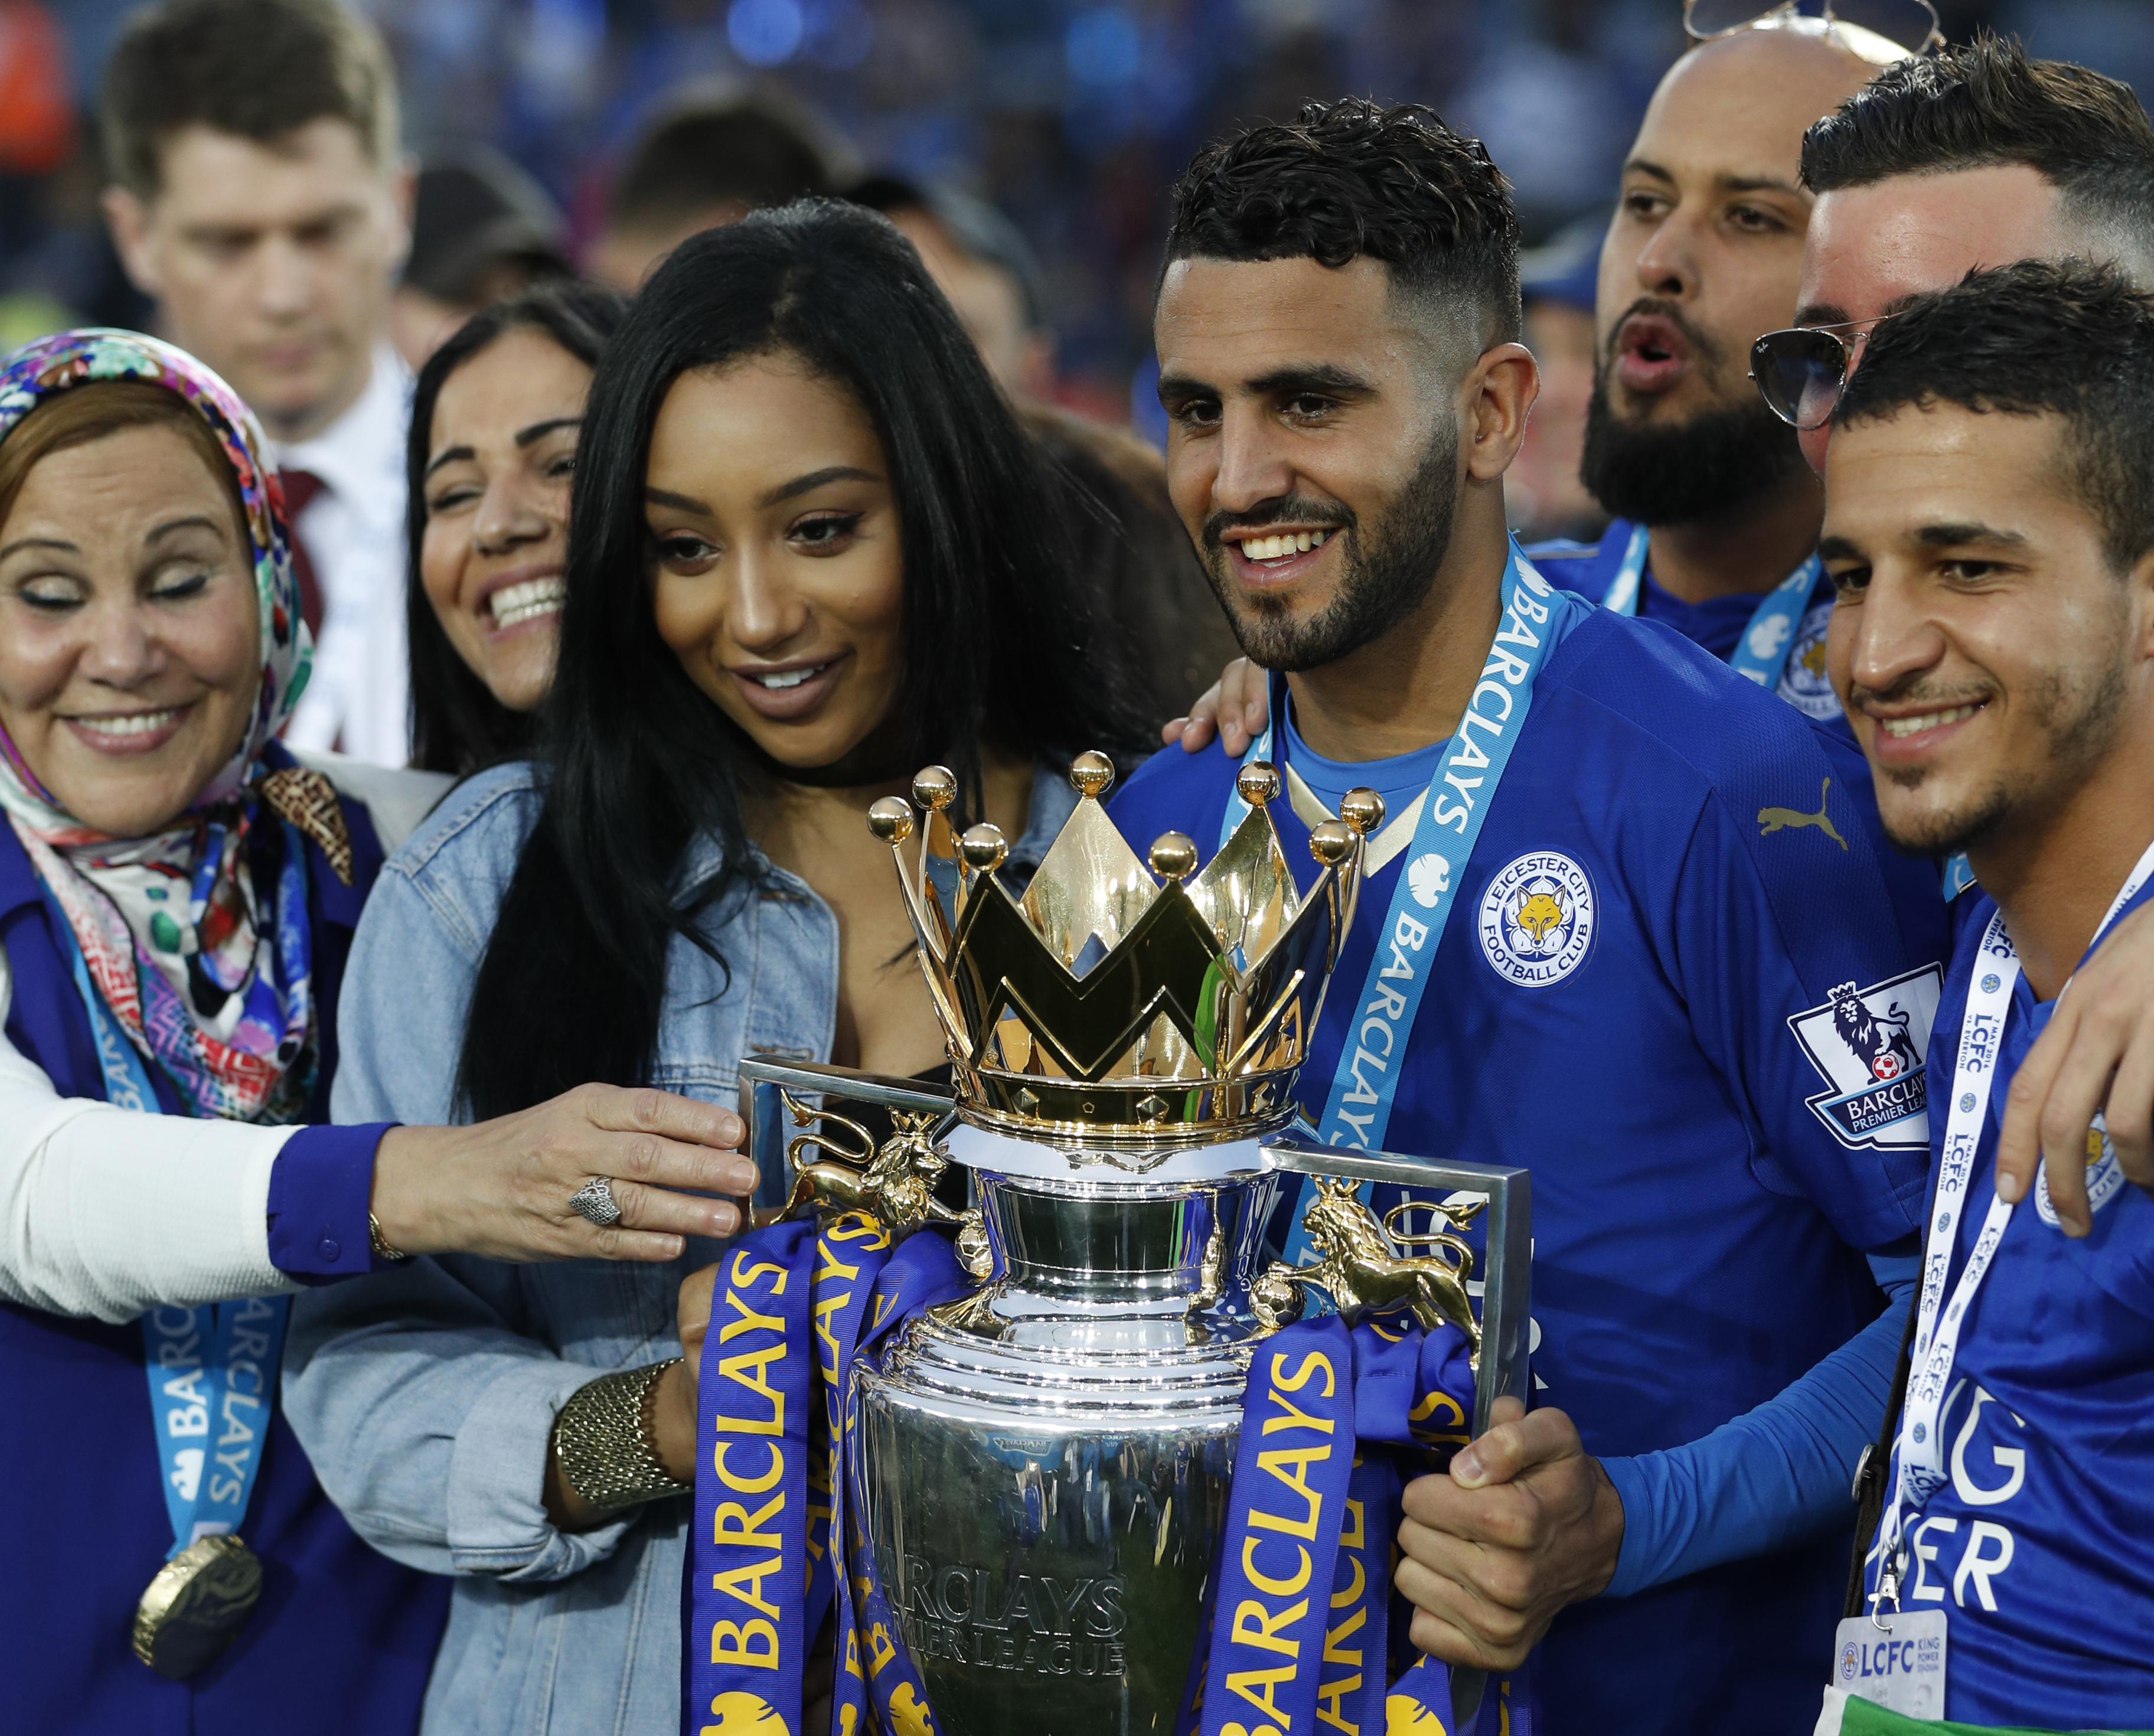 لاعب كرة القدم البريطاني المسلم رياض محرز.